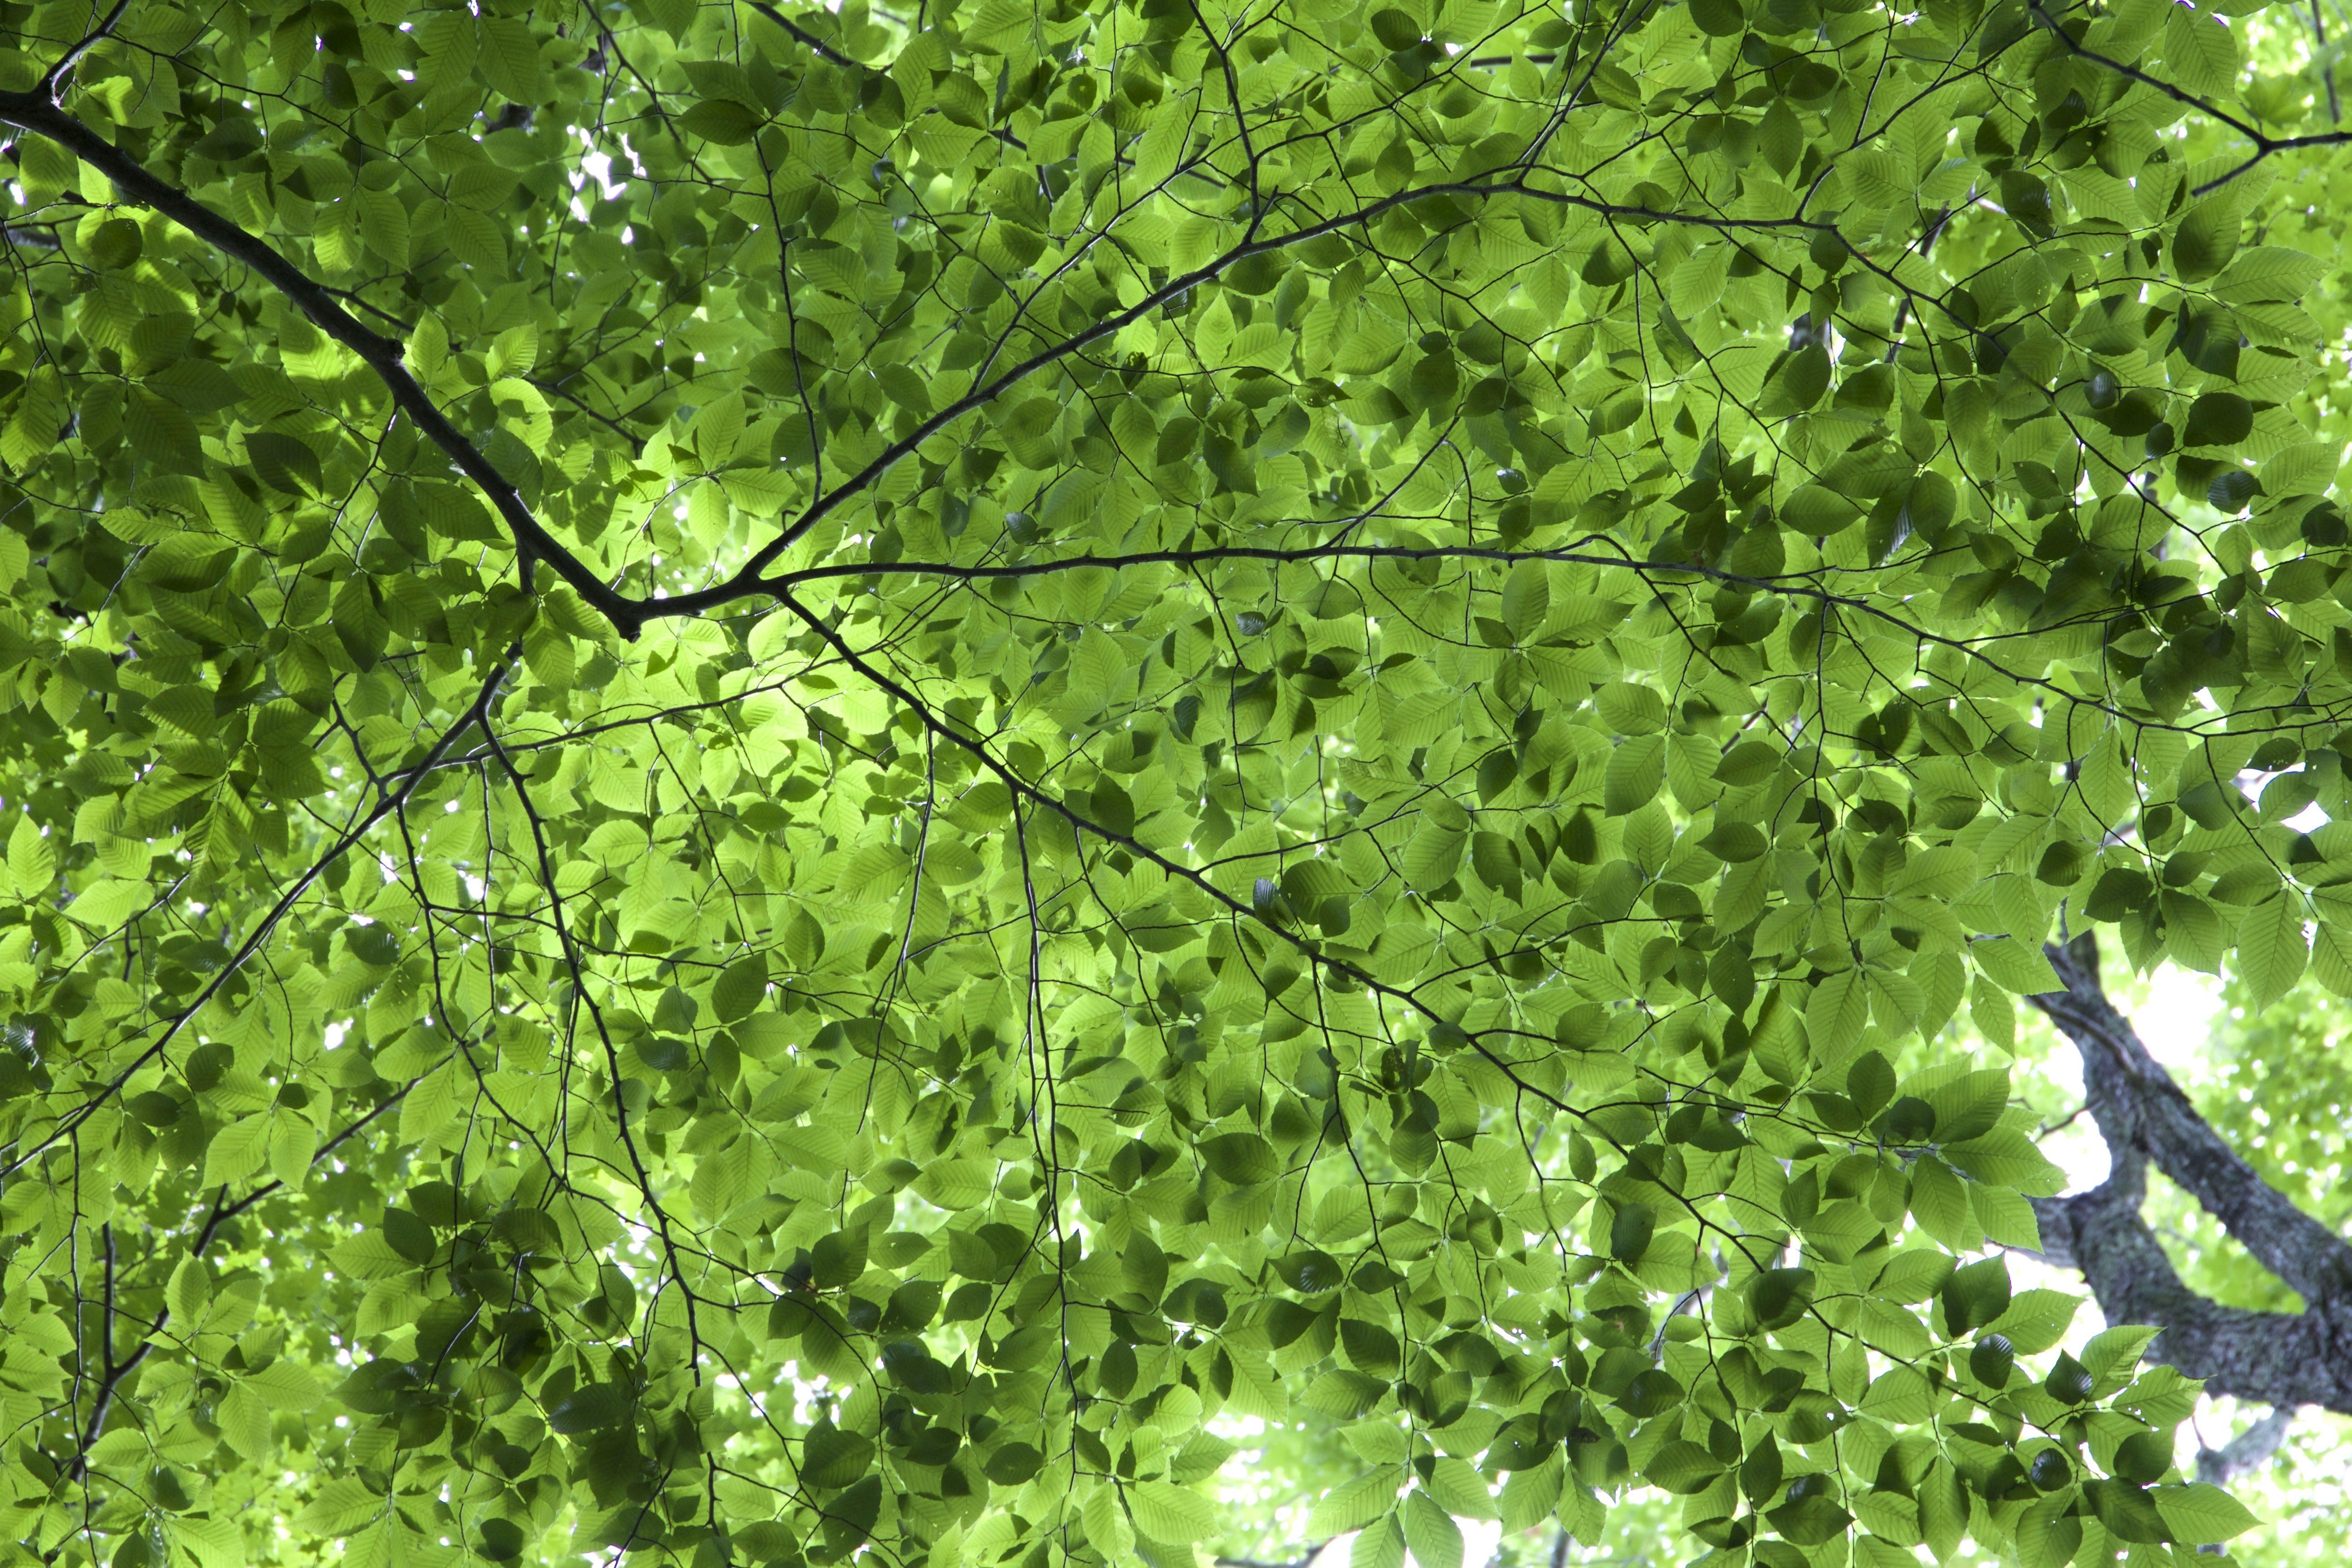 Imagen Gratis Textura De Las Hojas Hojas Verdes Follaje Arboles - Hojas-de-arboles